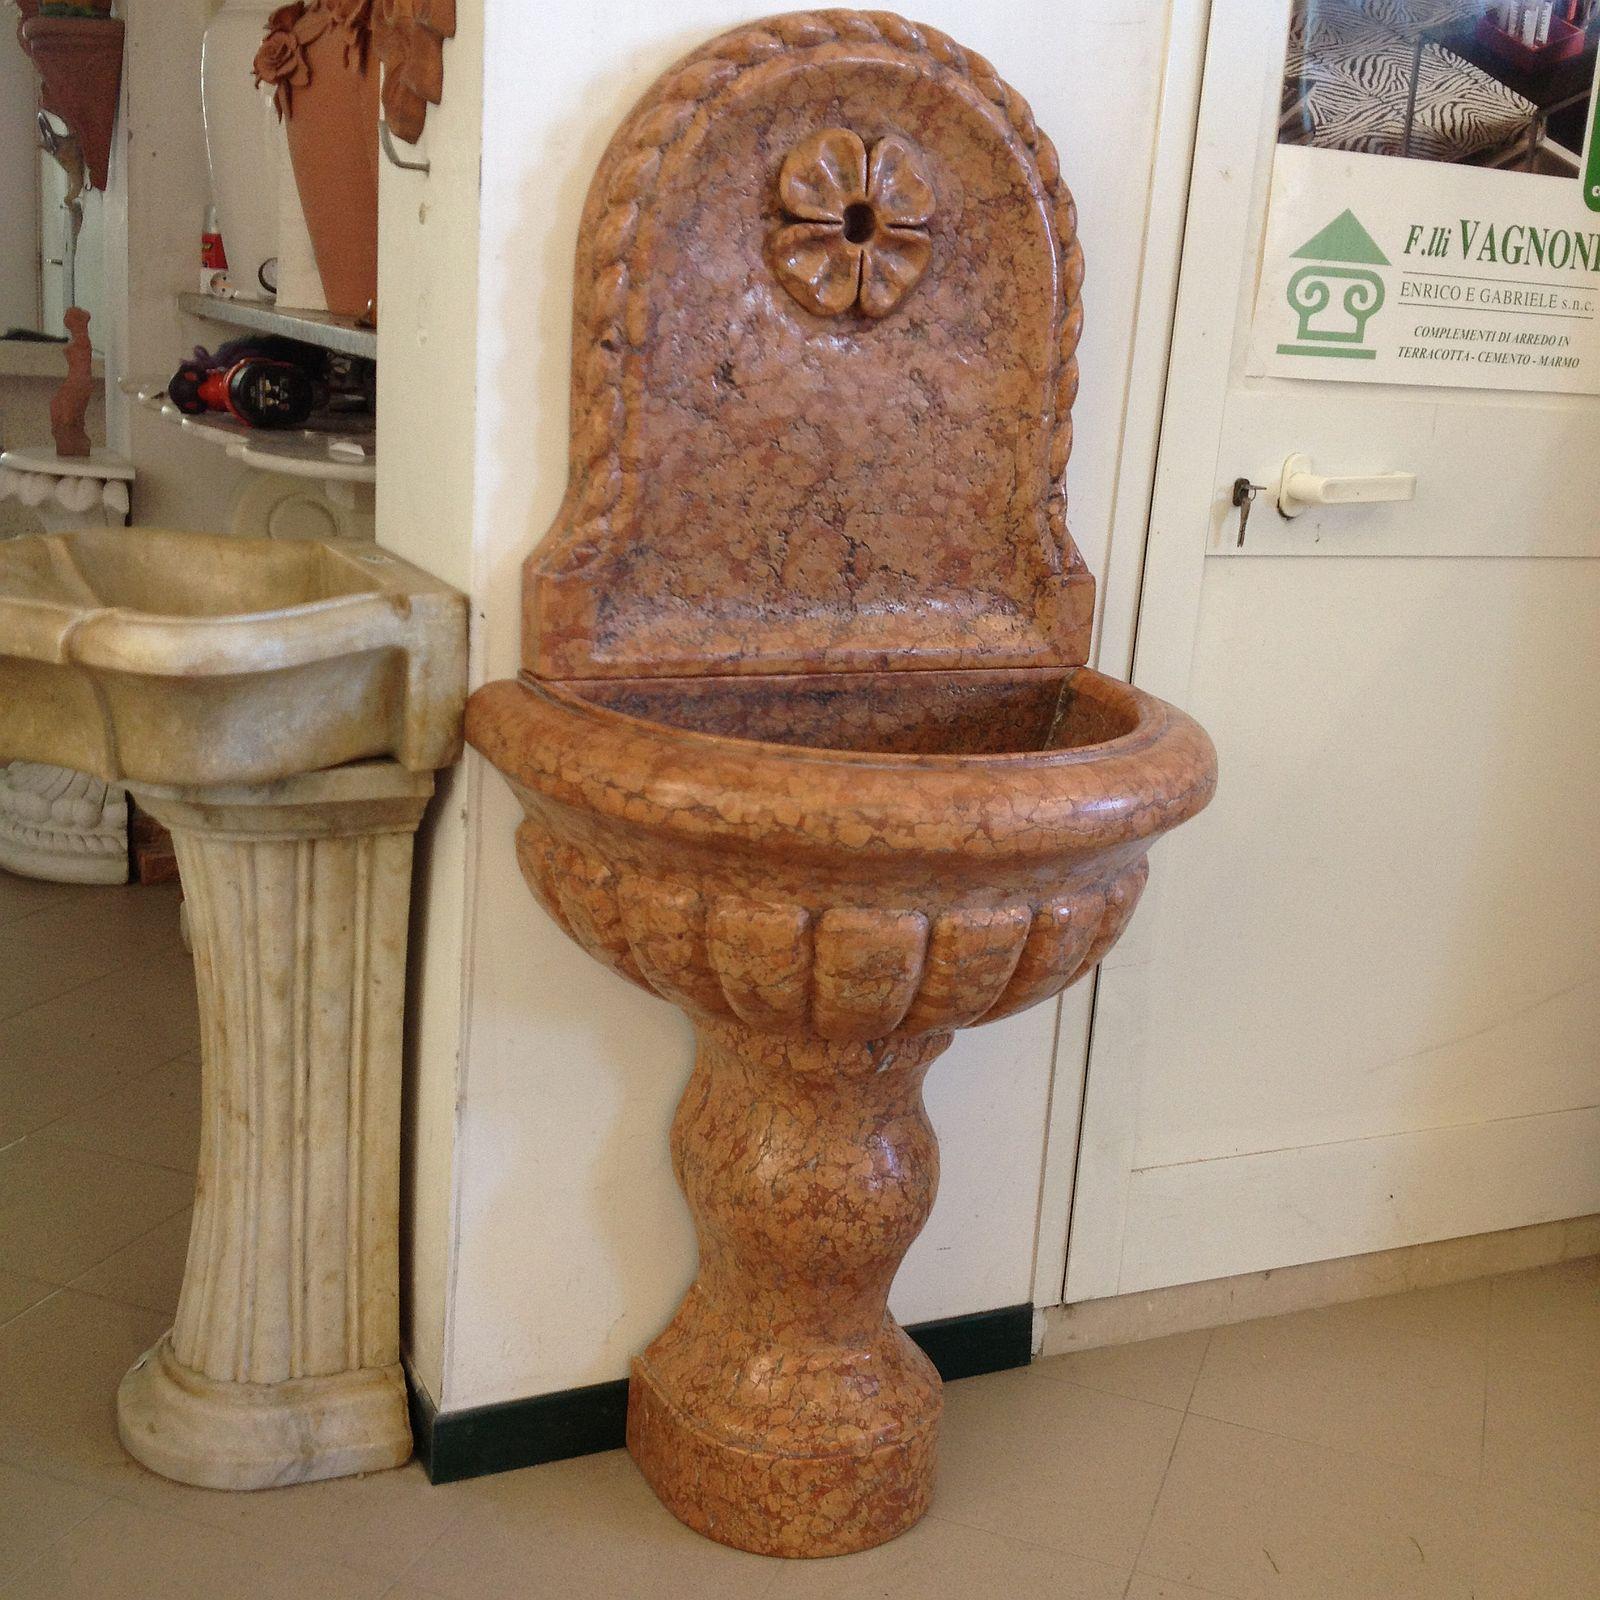 Pietre Per Arredare Pareti fontana a parete in marmo rosso verona [font_rosso] - 998,00